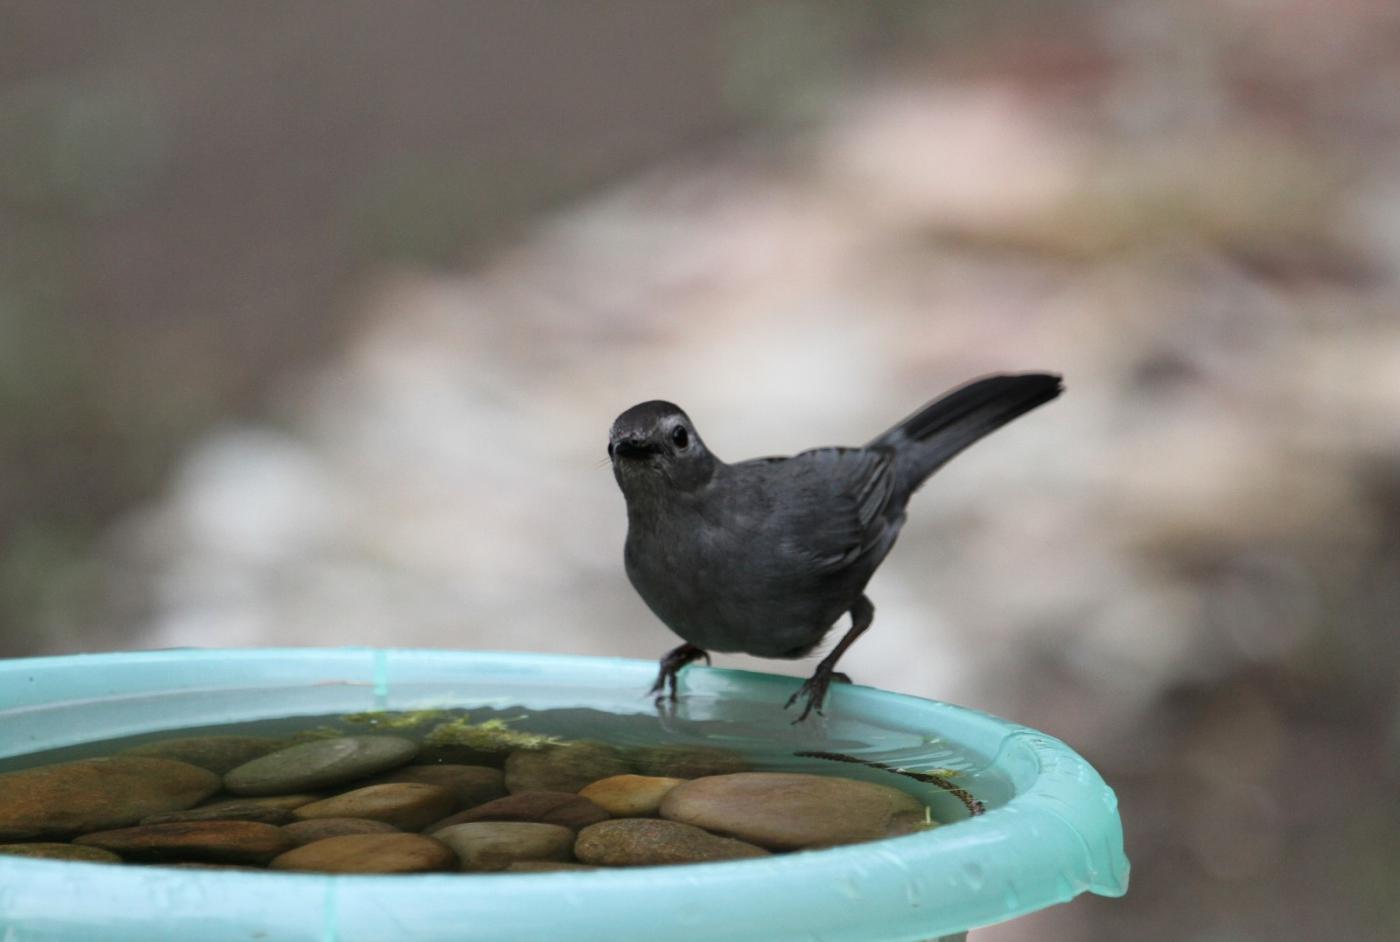 【田螺摄影】摆盆水在后院猫鸟就来淋浴了_图1-4